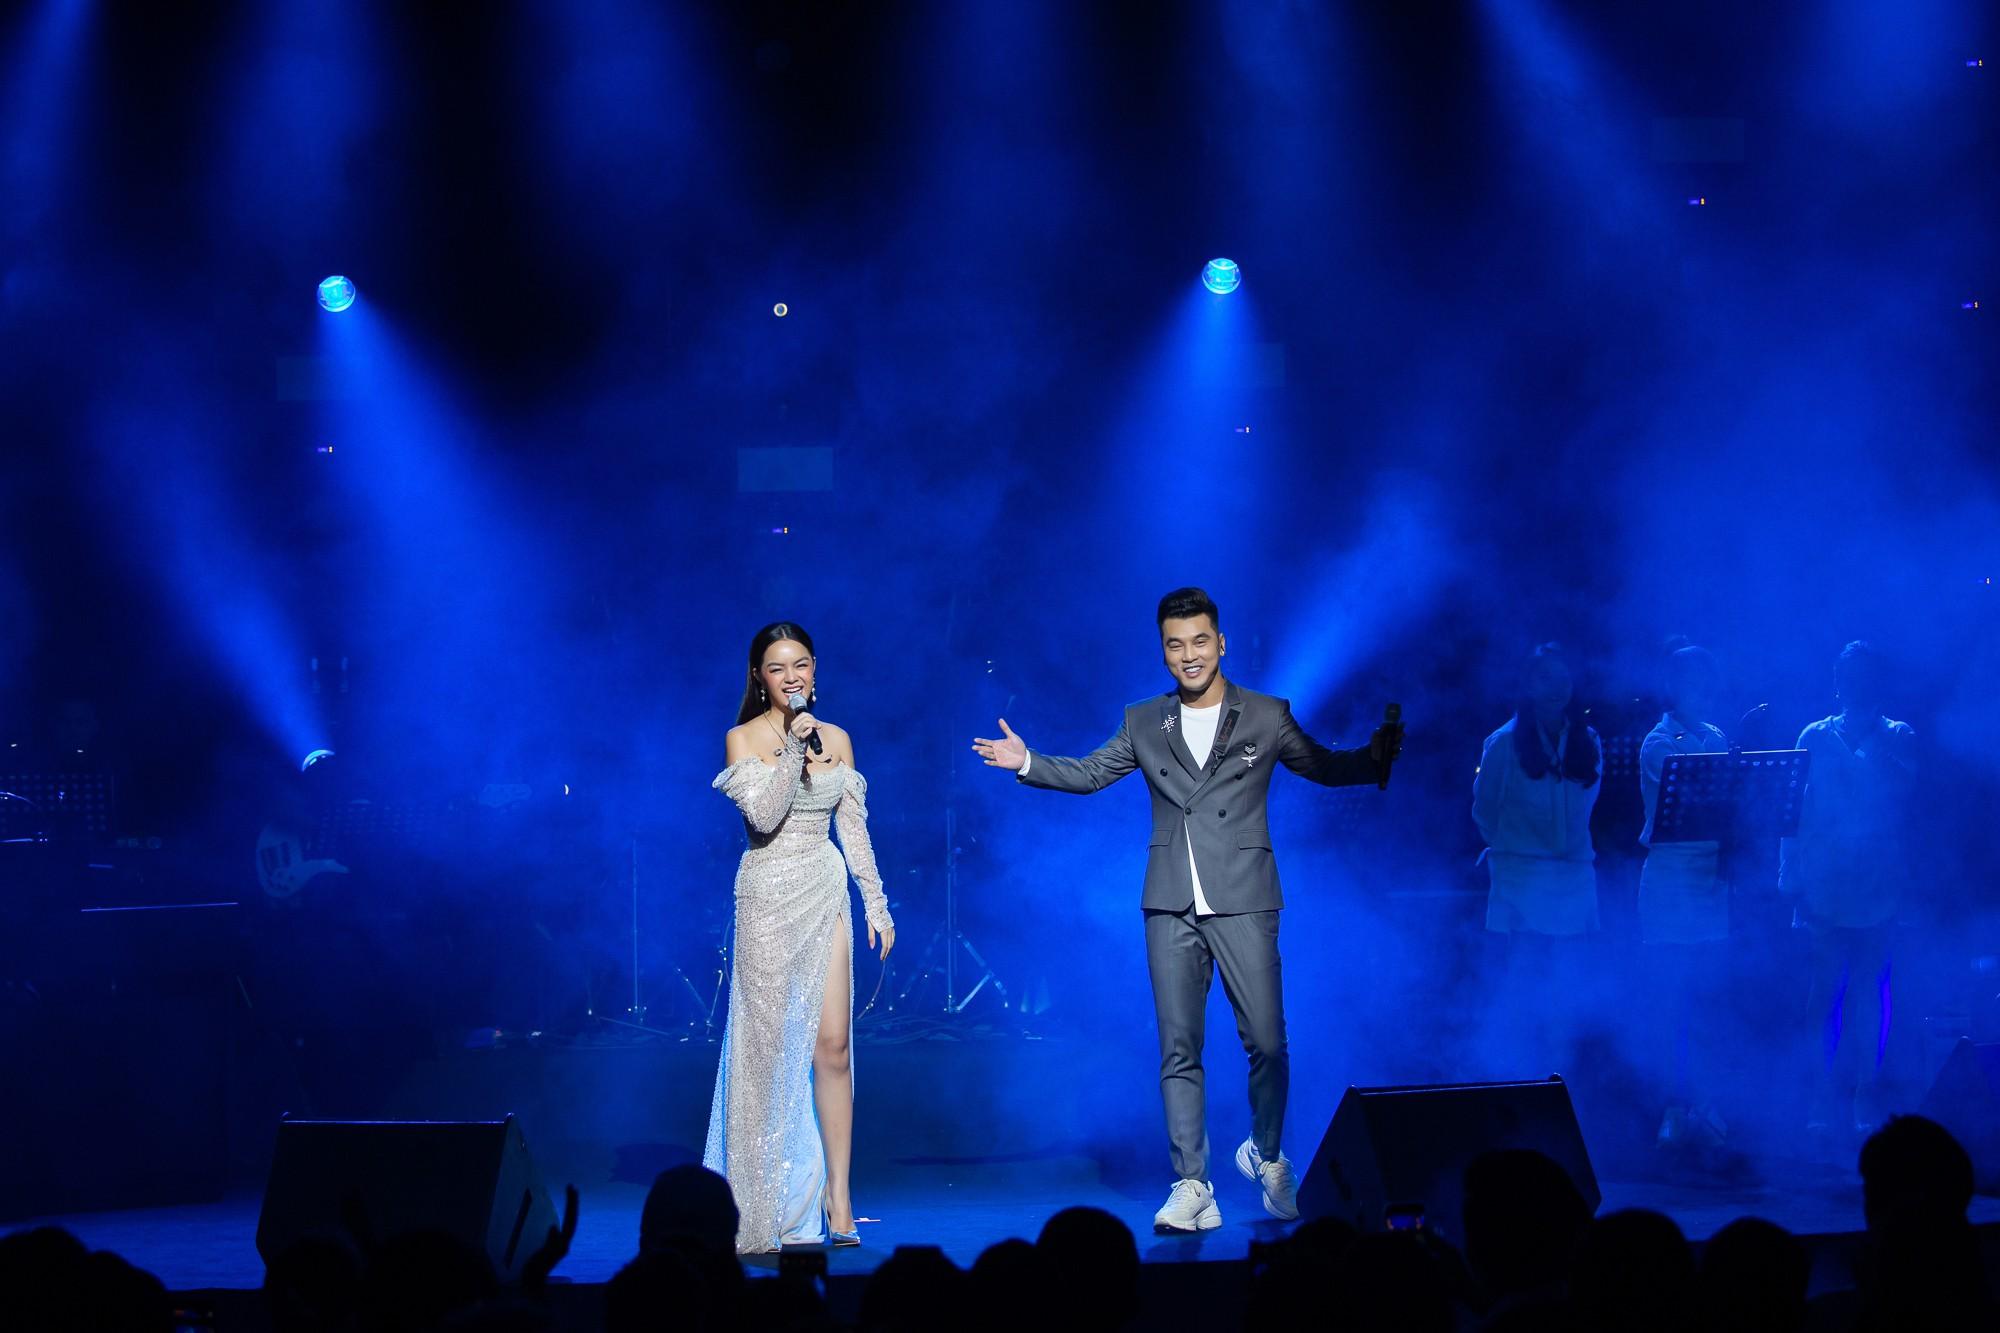 VZN News: Phạm Quỳnh Anh bật khóc trước hàng nghìn khán giả - Ảnh 2.